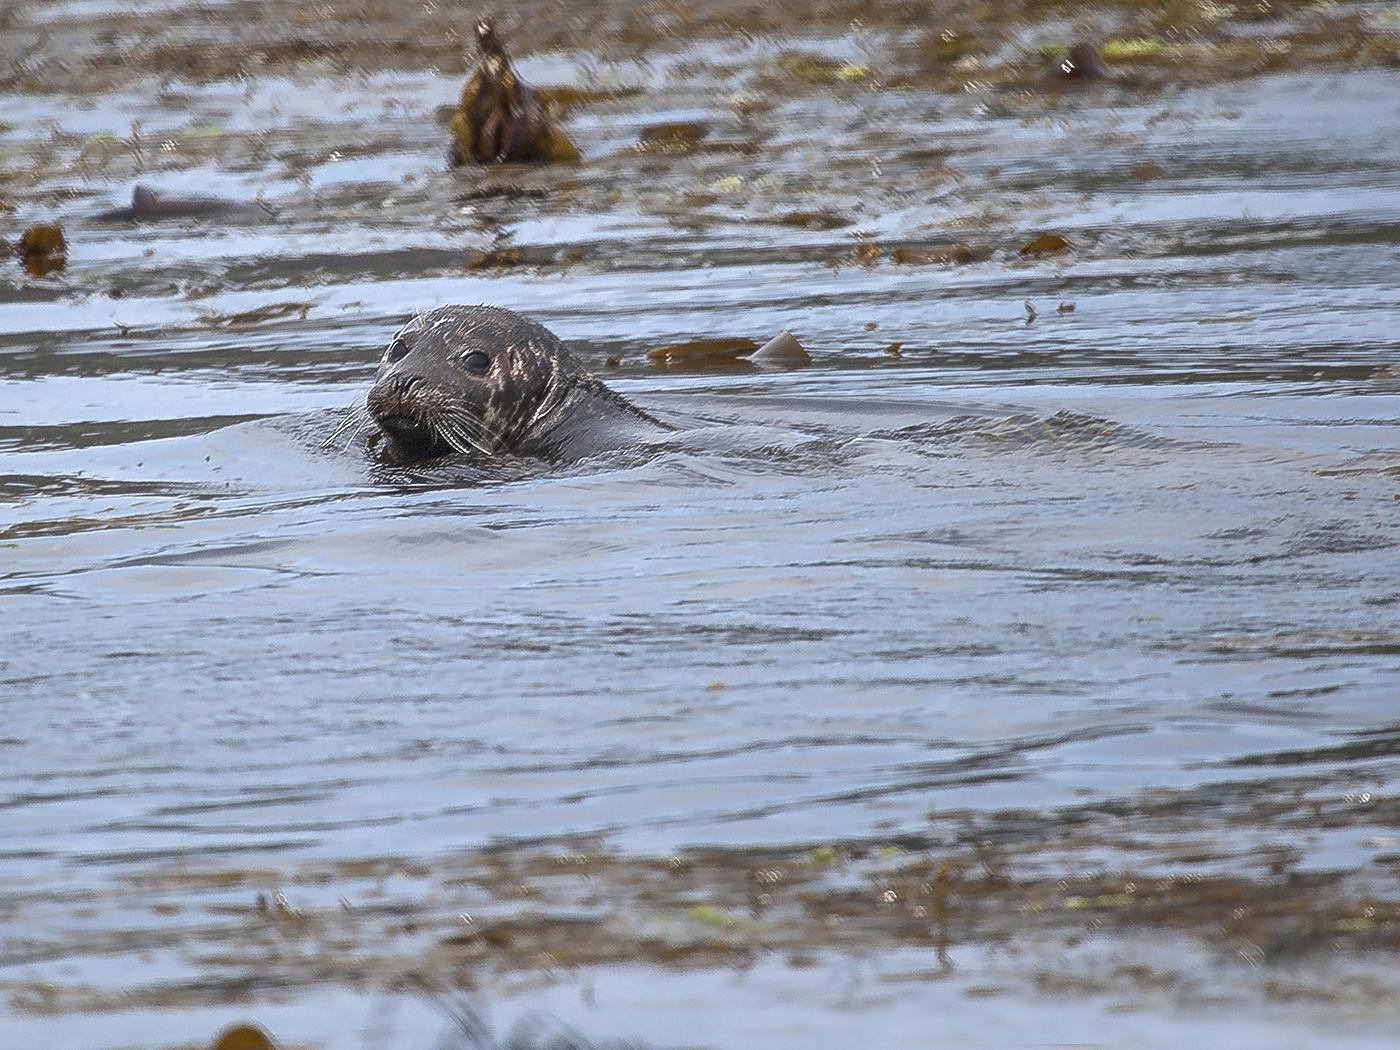 091 Rathlin Seal.jpg